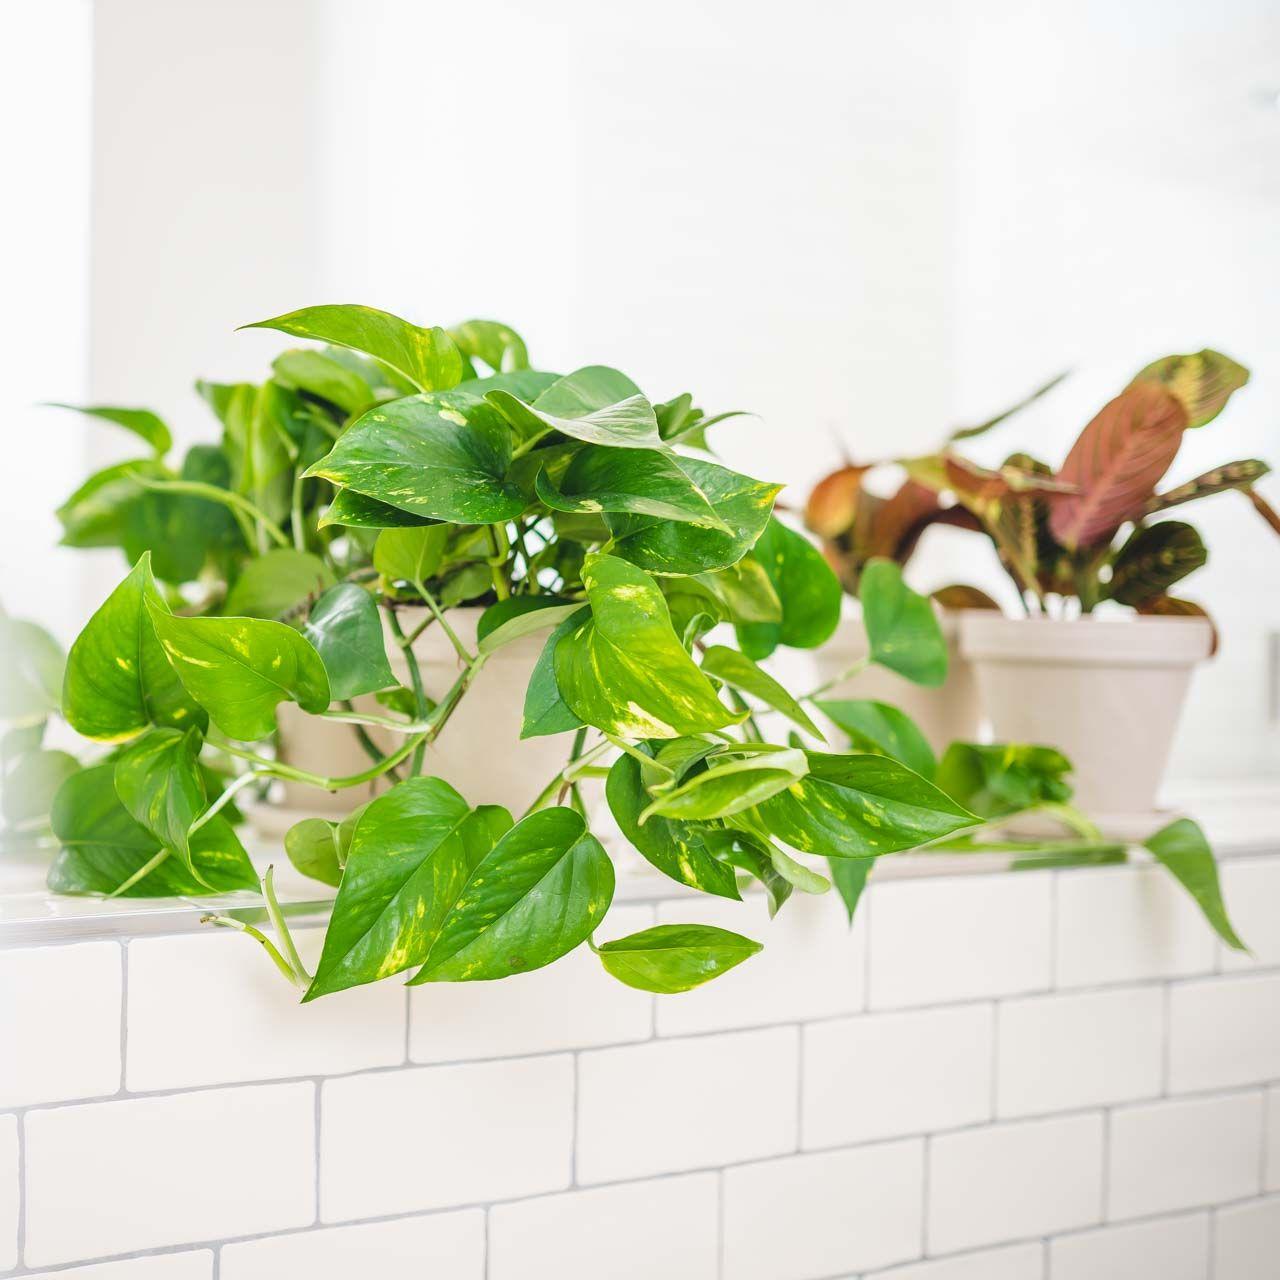 Badezimmer Pflanzen In 2020 Pflanzen Pflanzenwelt Zimmerpflanzen